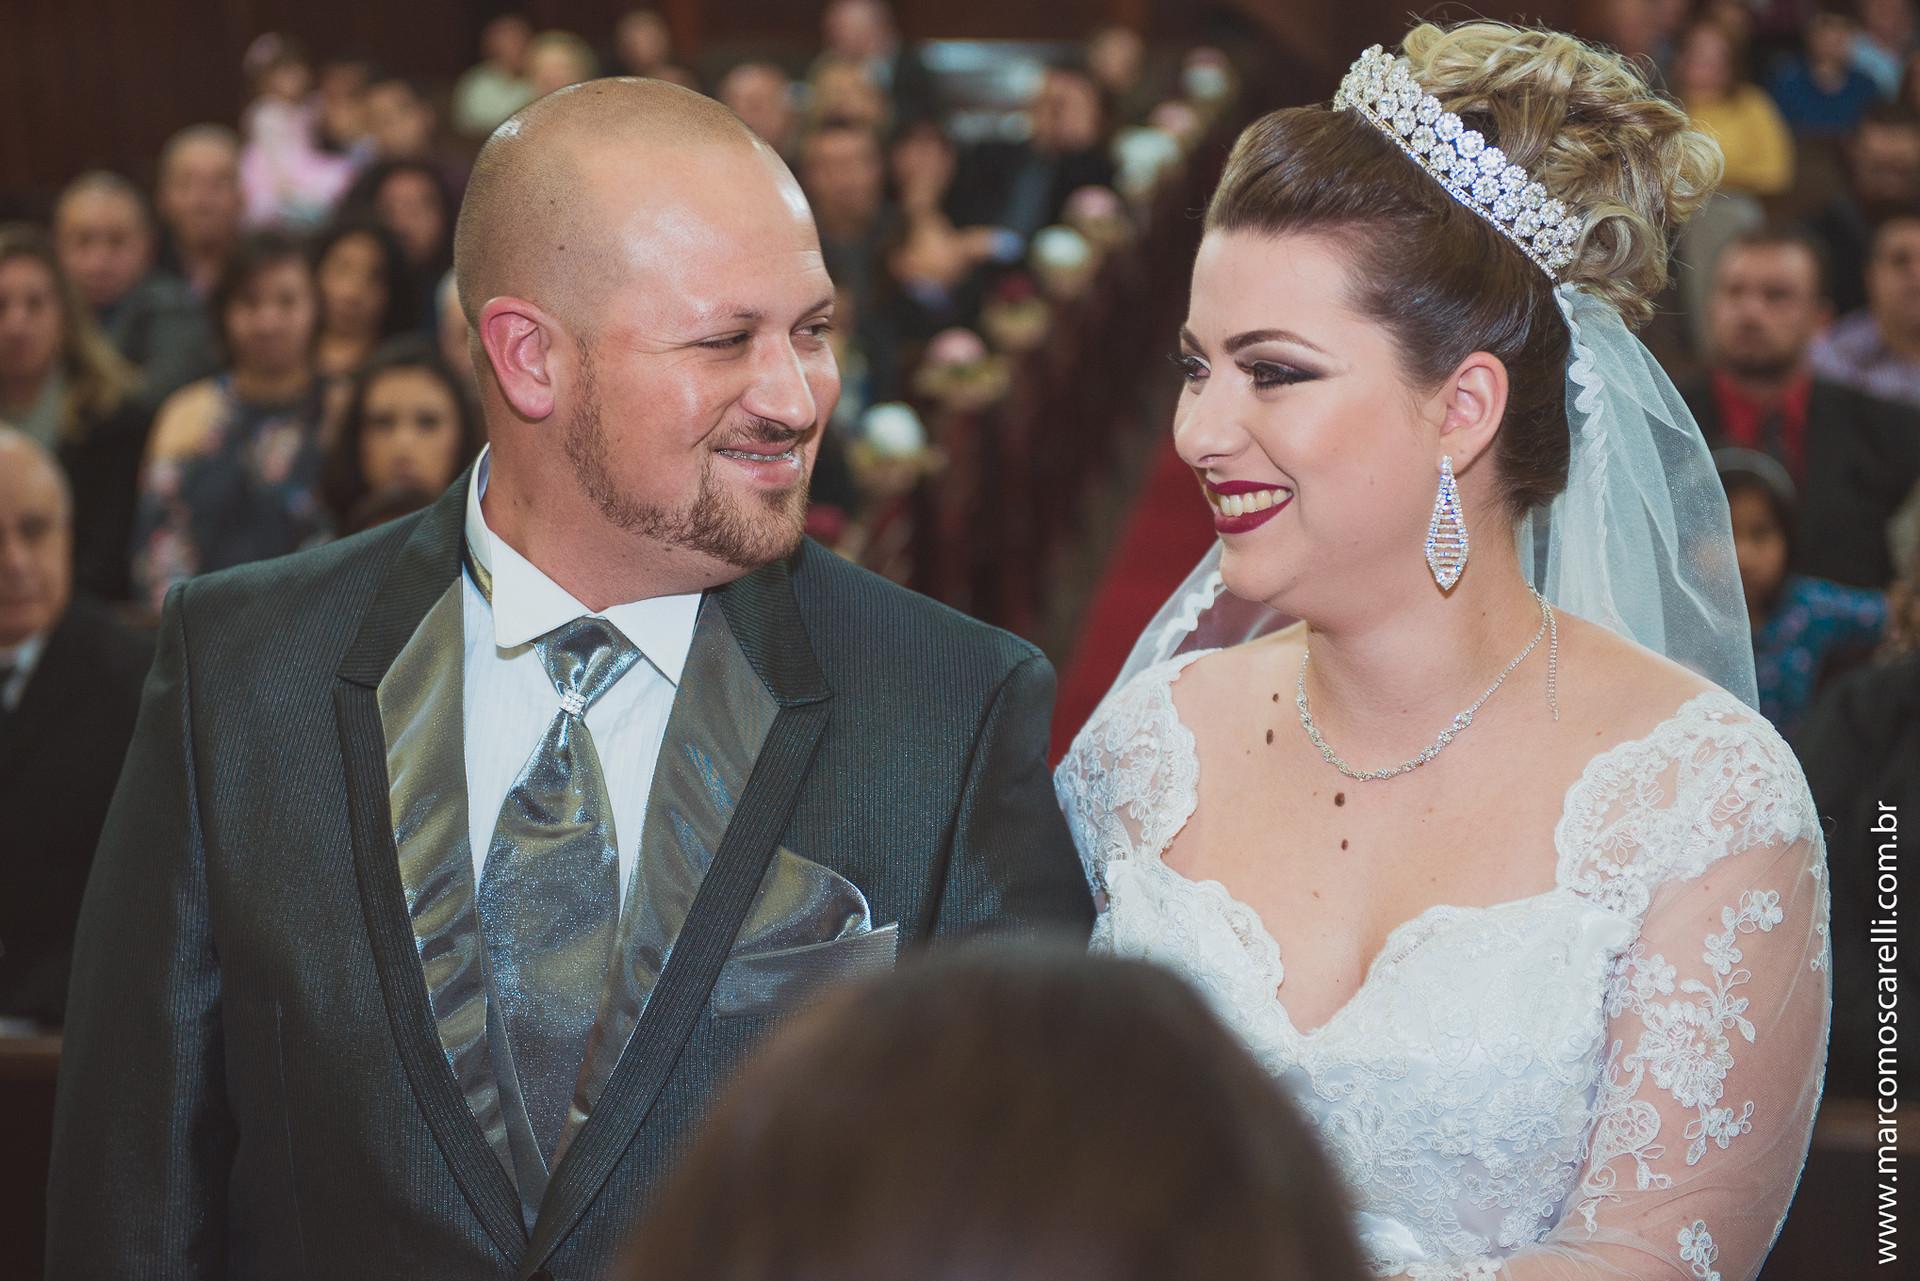 Imagem capa - Que Fotos que não podem faltar no seu Álbum de casamento? por Marco Getulio Galarraga Moscarelli